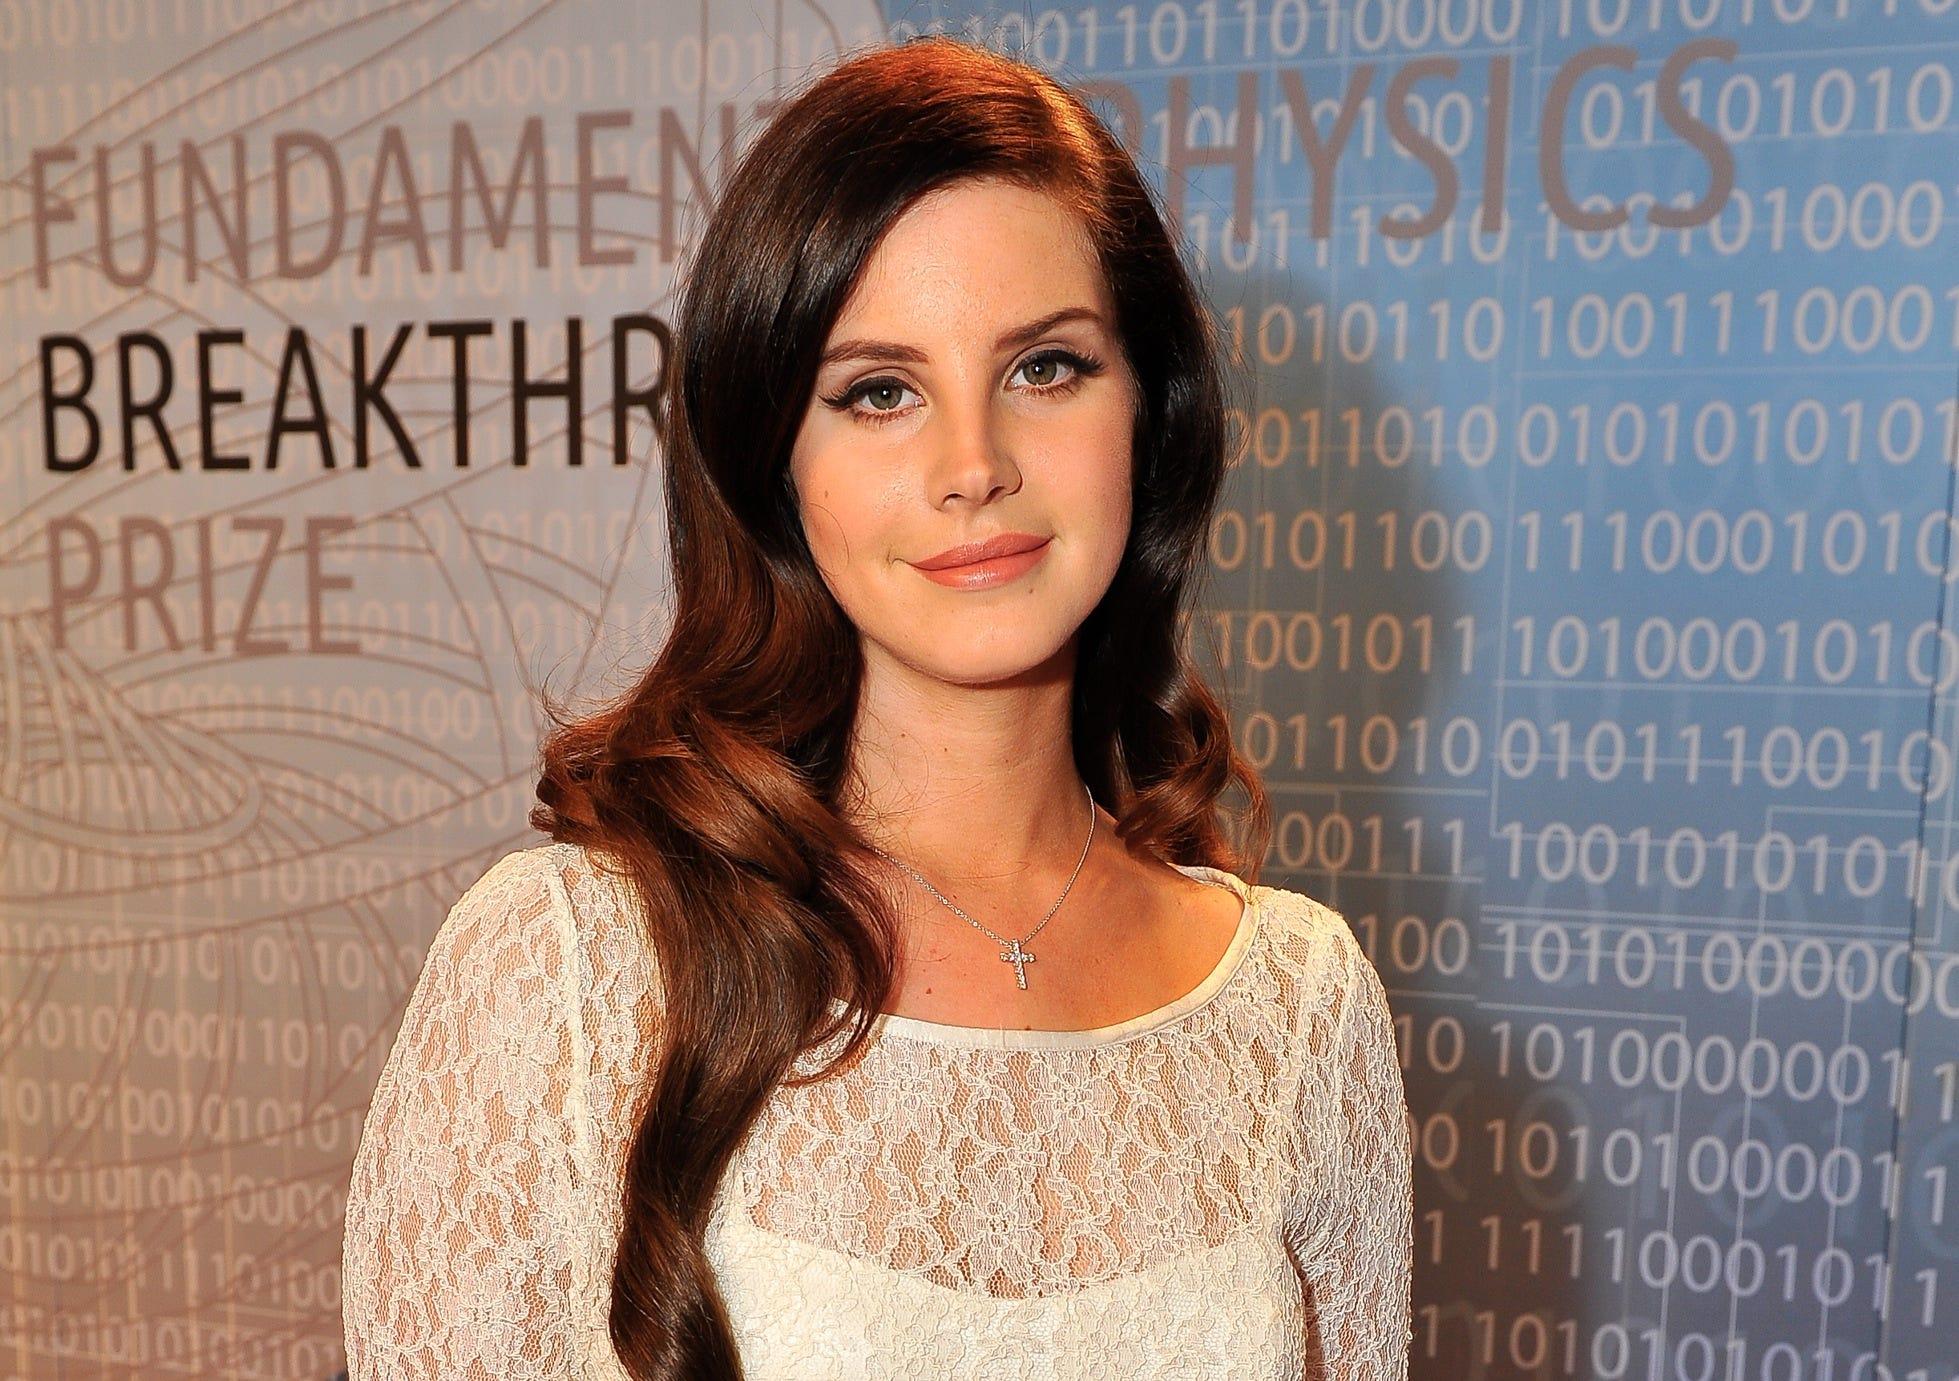 Lana Del Rey announces new album 'Lust for Life' in haunting trailer